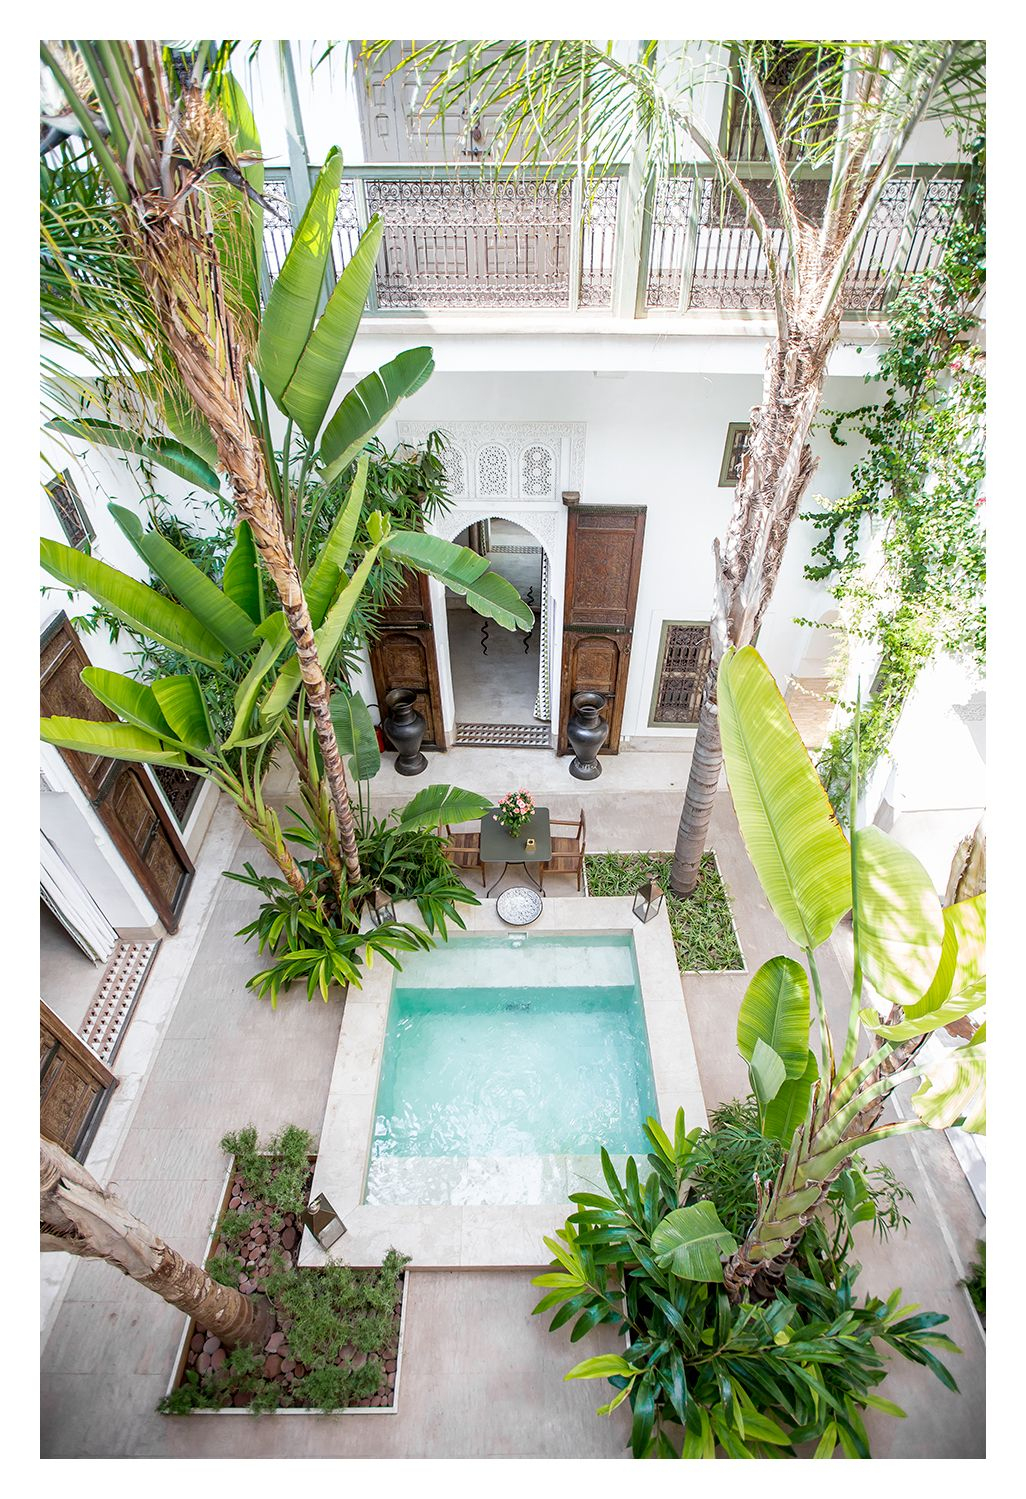 Places & Spaces   Piscine Et Jardin, Maison Avec Patio Et ... serapportantà Riad Marrakech Avec Piscine